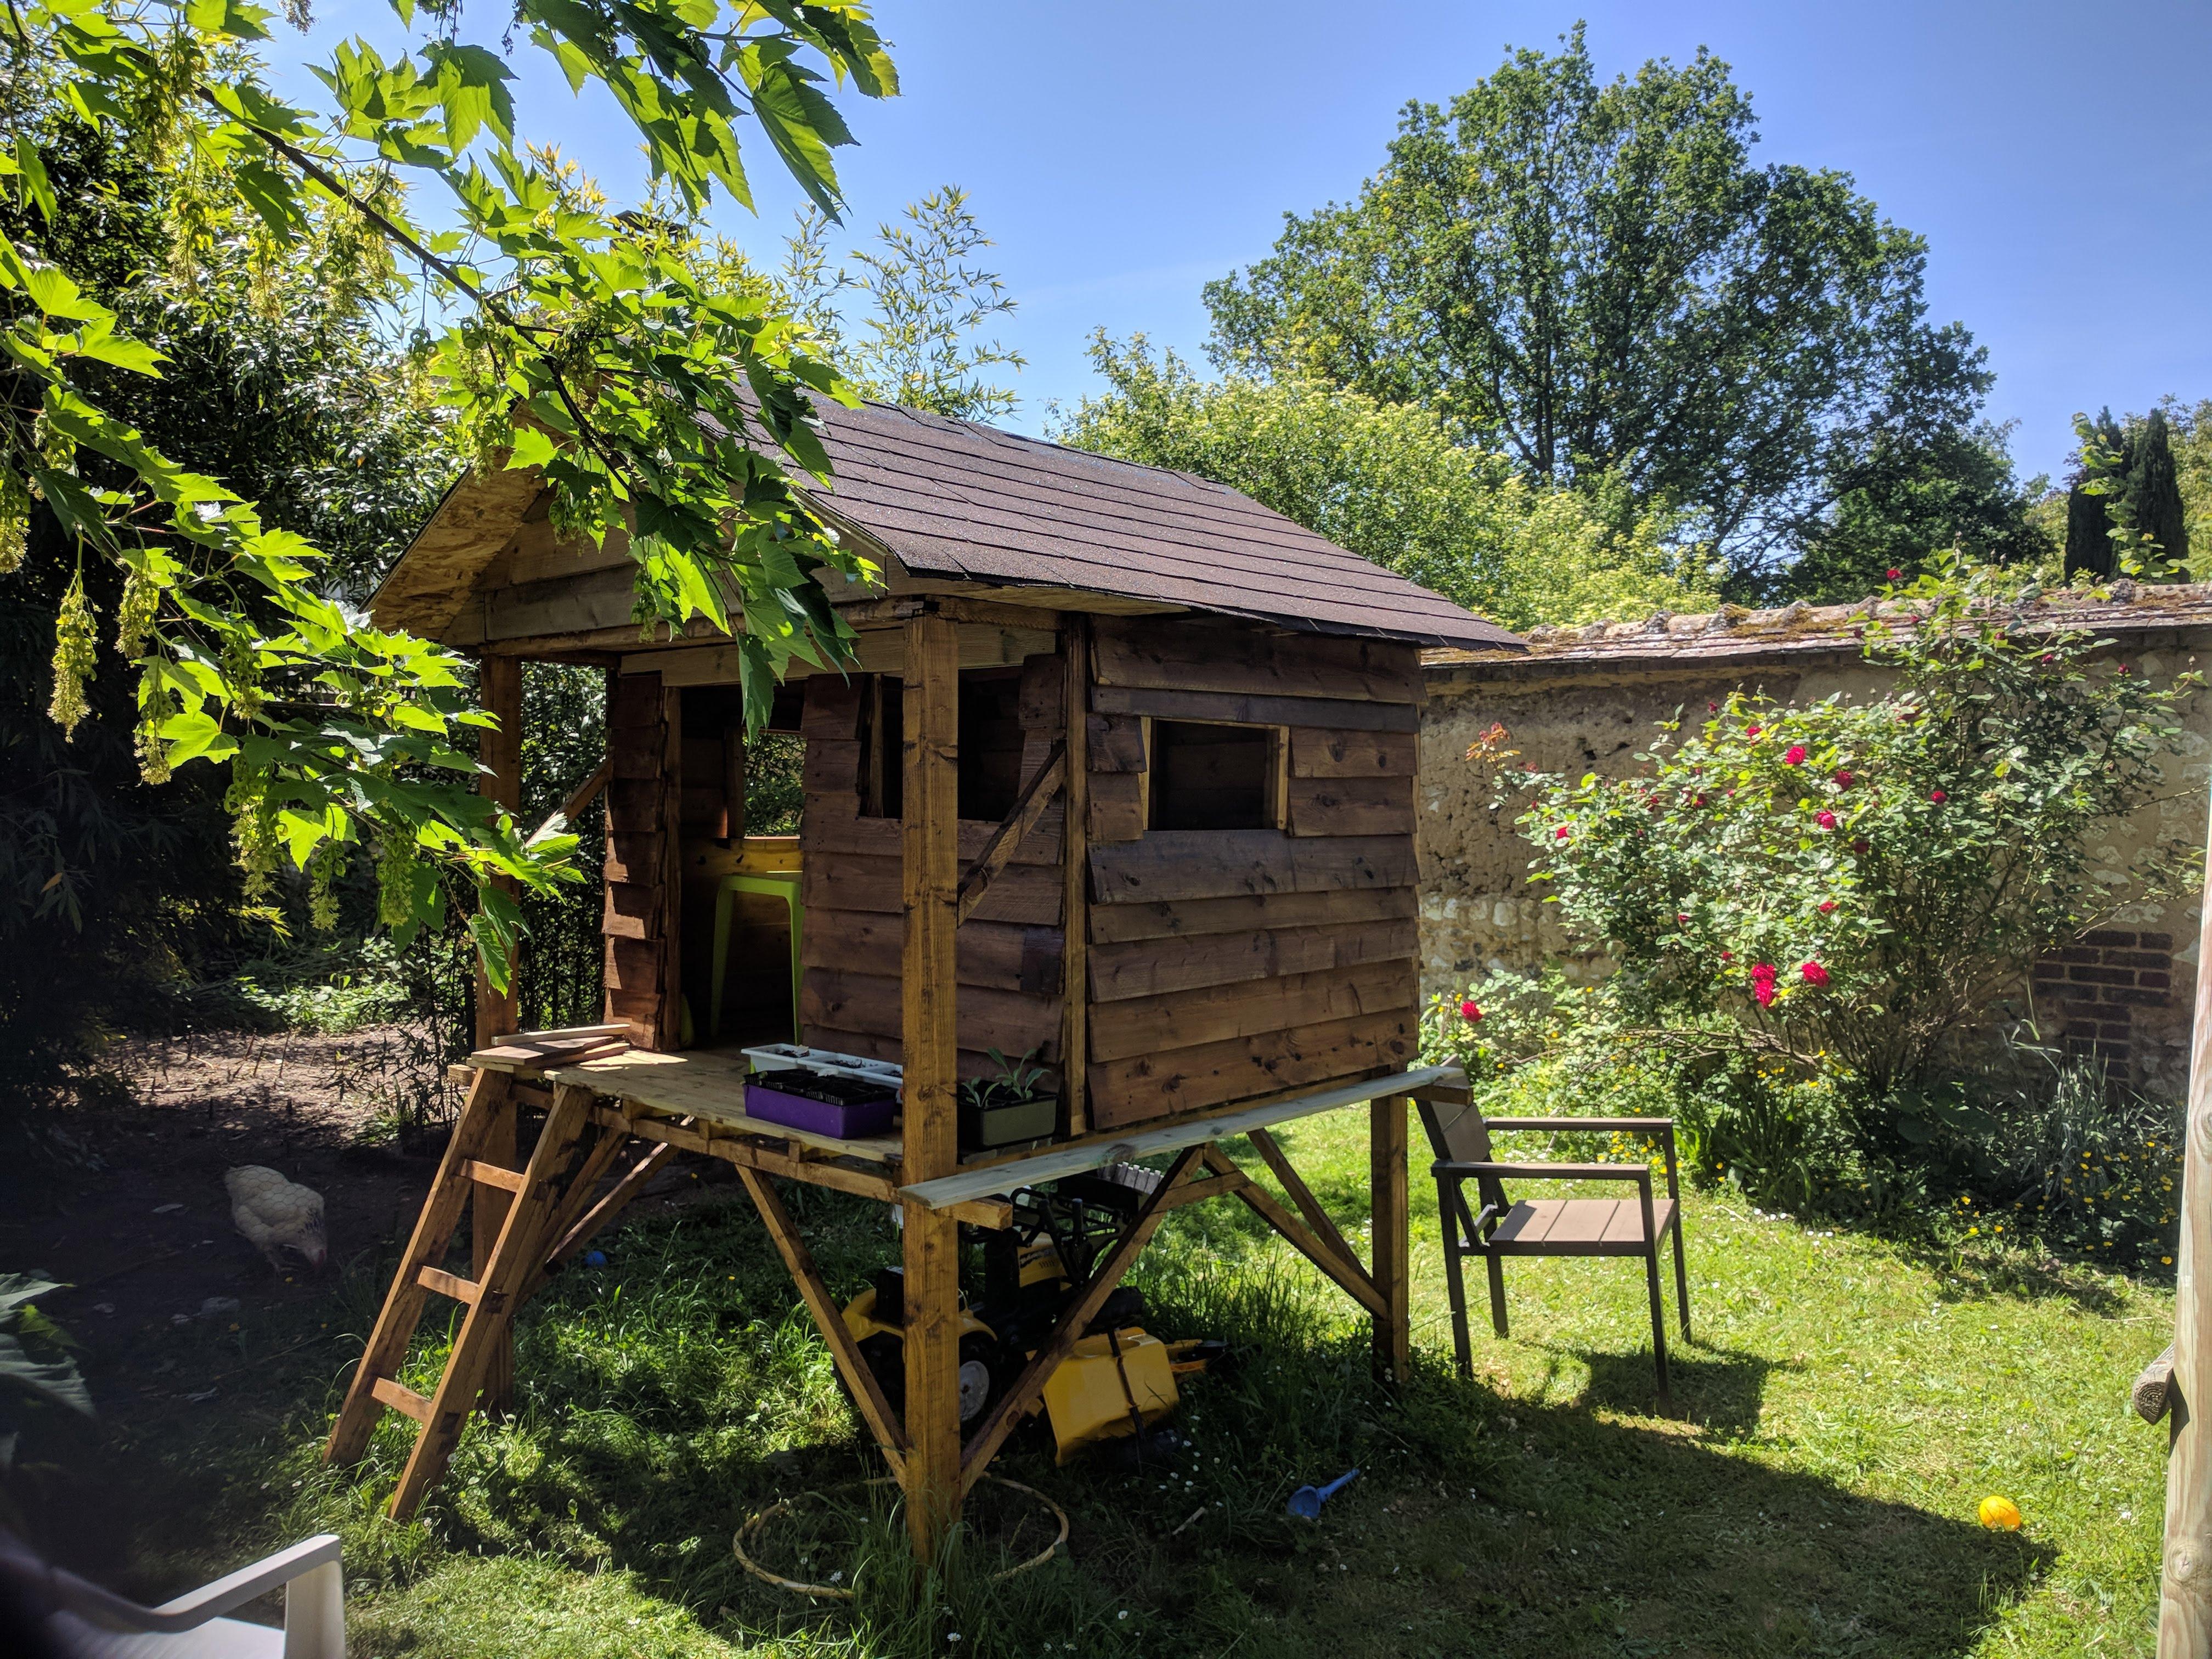 projet cabane sur pilotis 4 fin de la construction blog du grouik. Black Bedroom Furniture Sets. Home Design Ideas